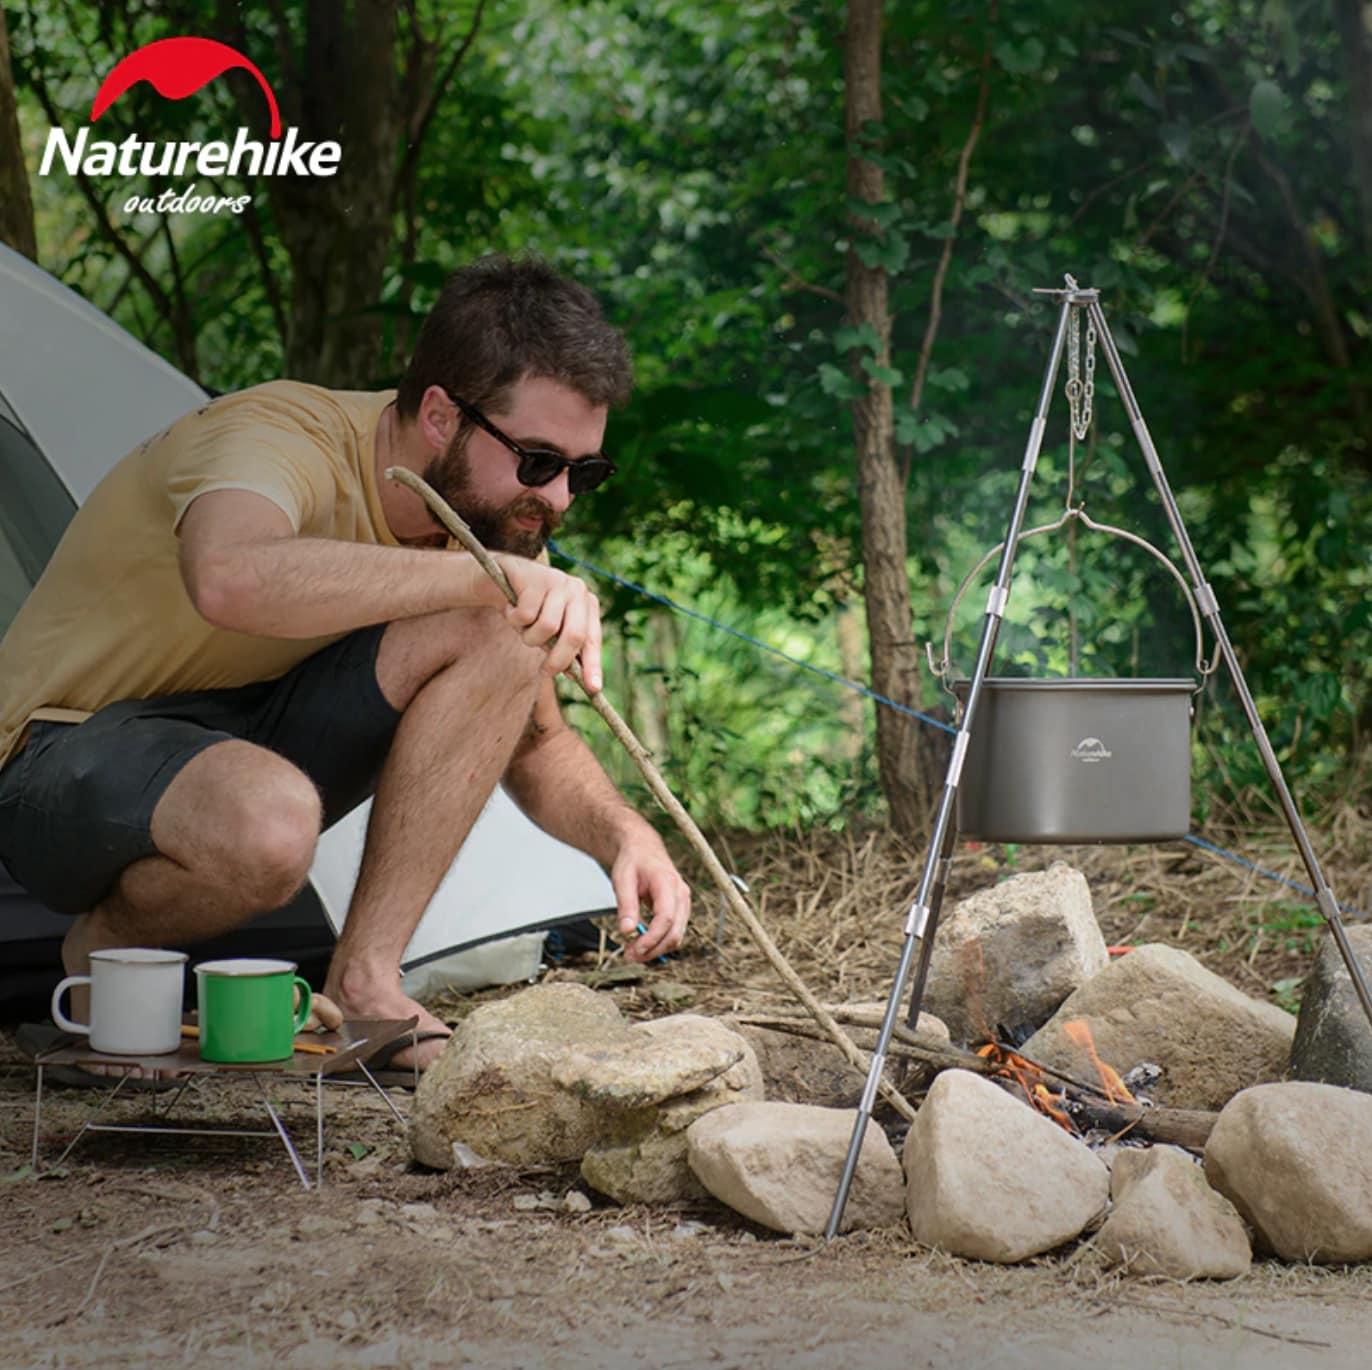 Bộ nồi du lịch đa năng Naturehike NH17D021-G